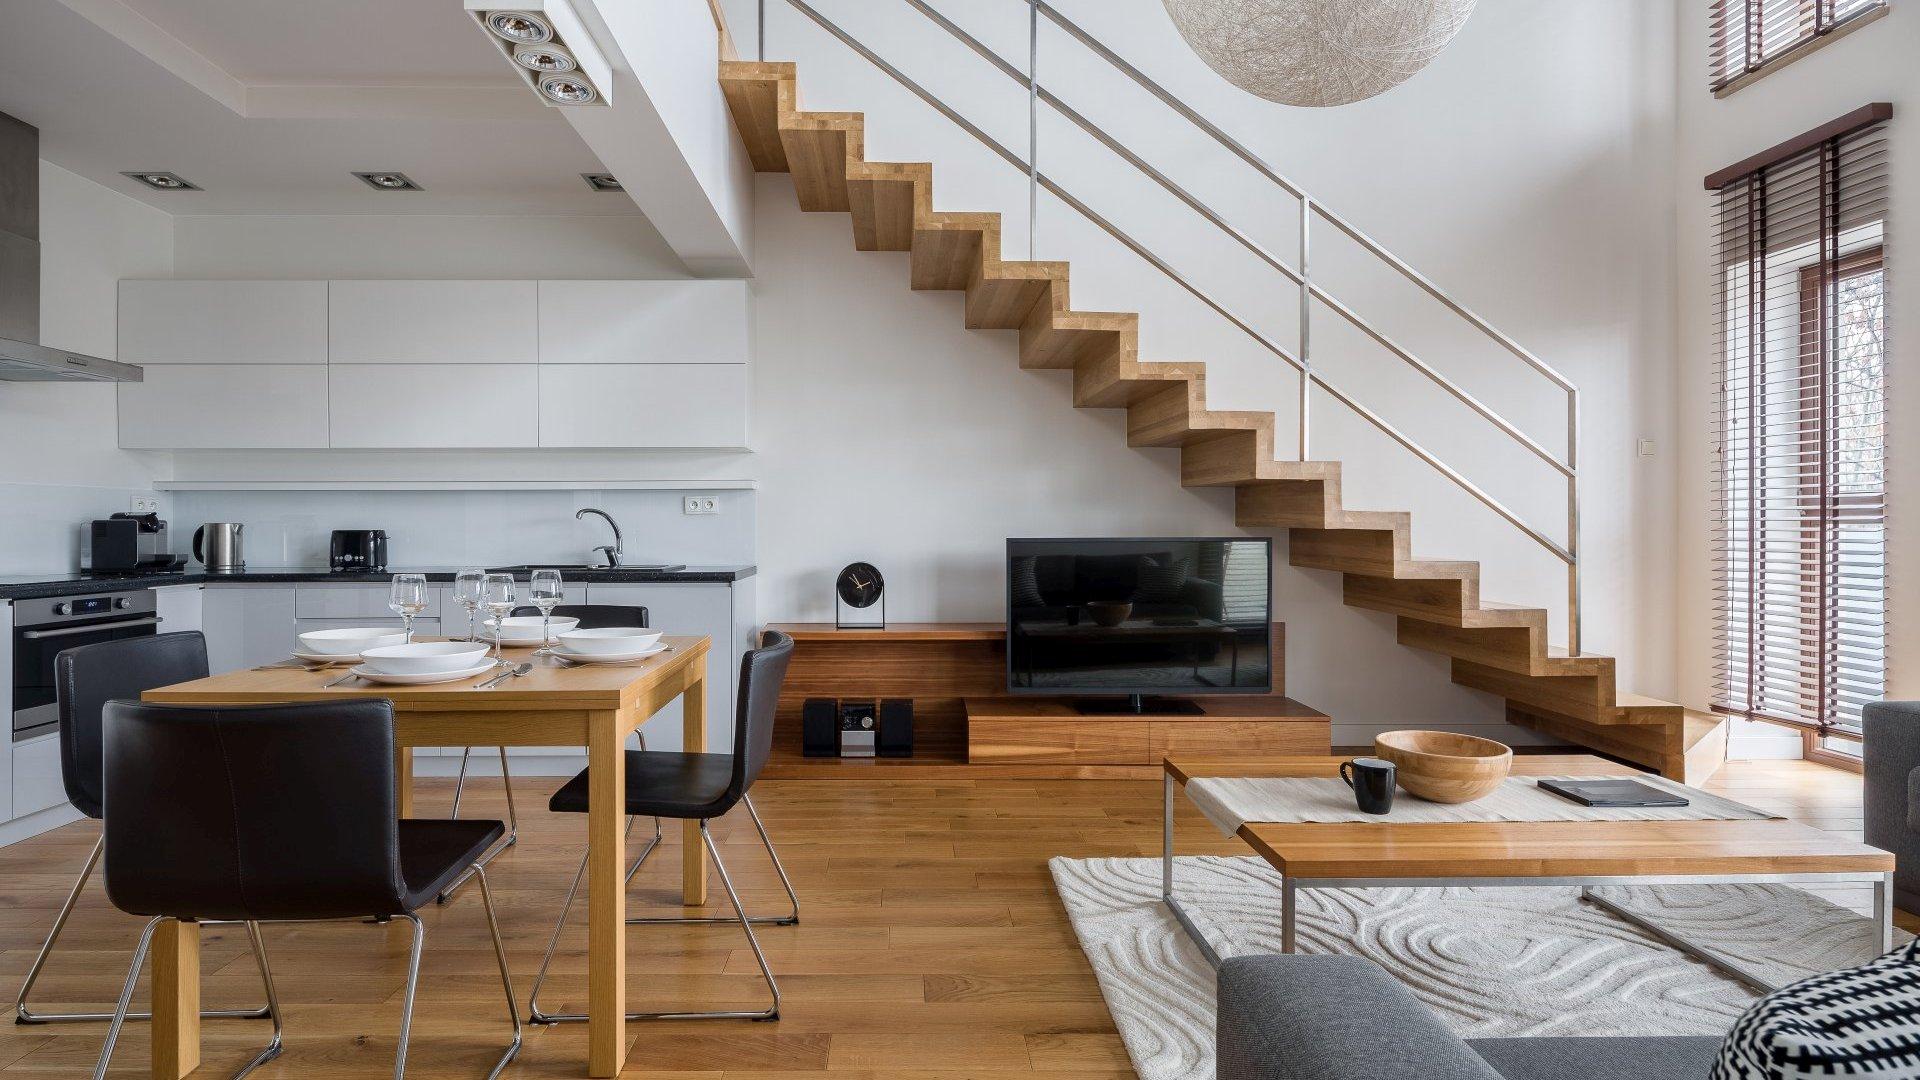 Dwupoziomowy apartament - drewniane schody | Projektowanie wnętrz | Wykańczanie wnętrz | Urządzamy podklucz